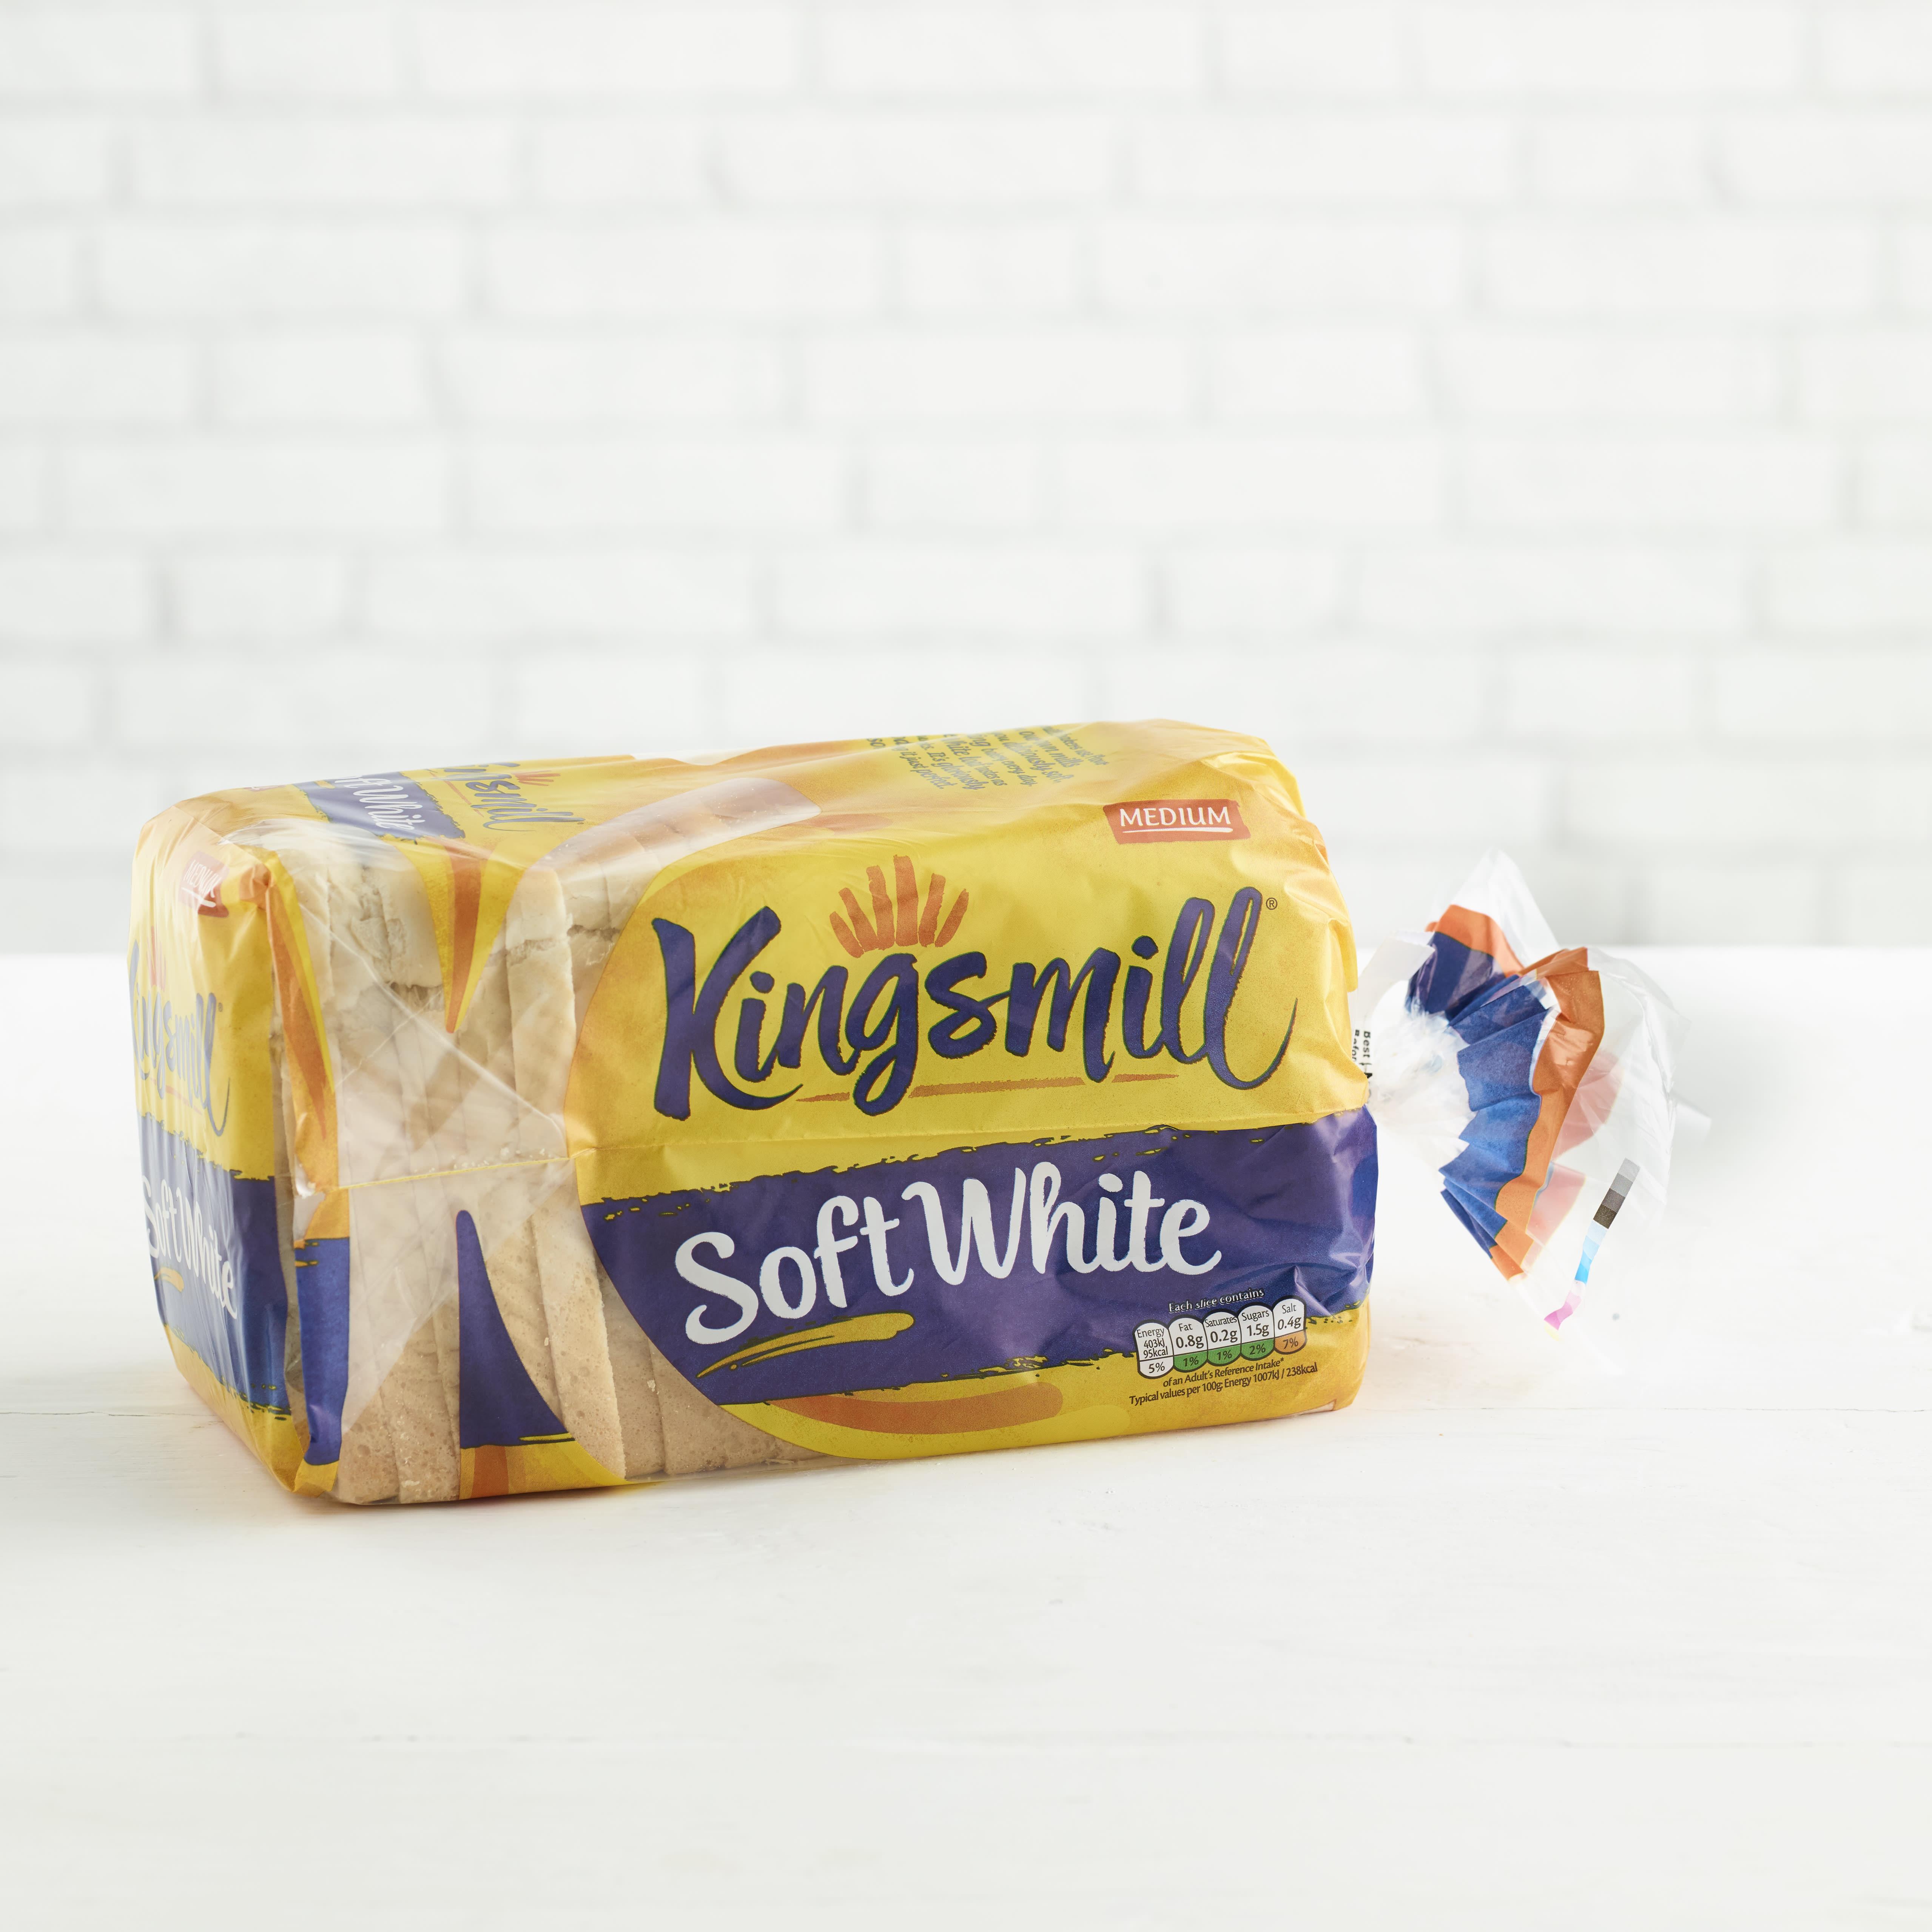 Kingsmill Soft White, Medium, 800g